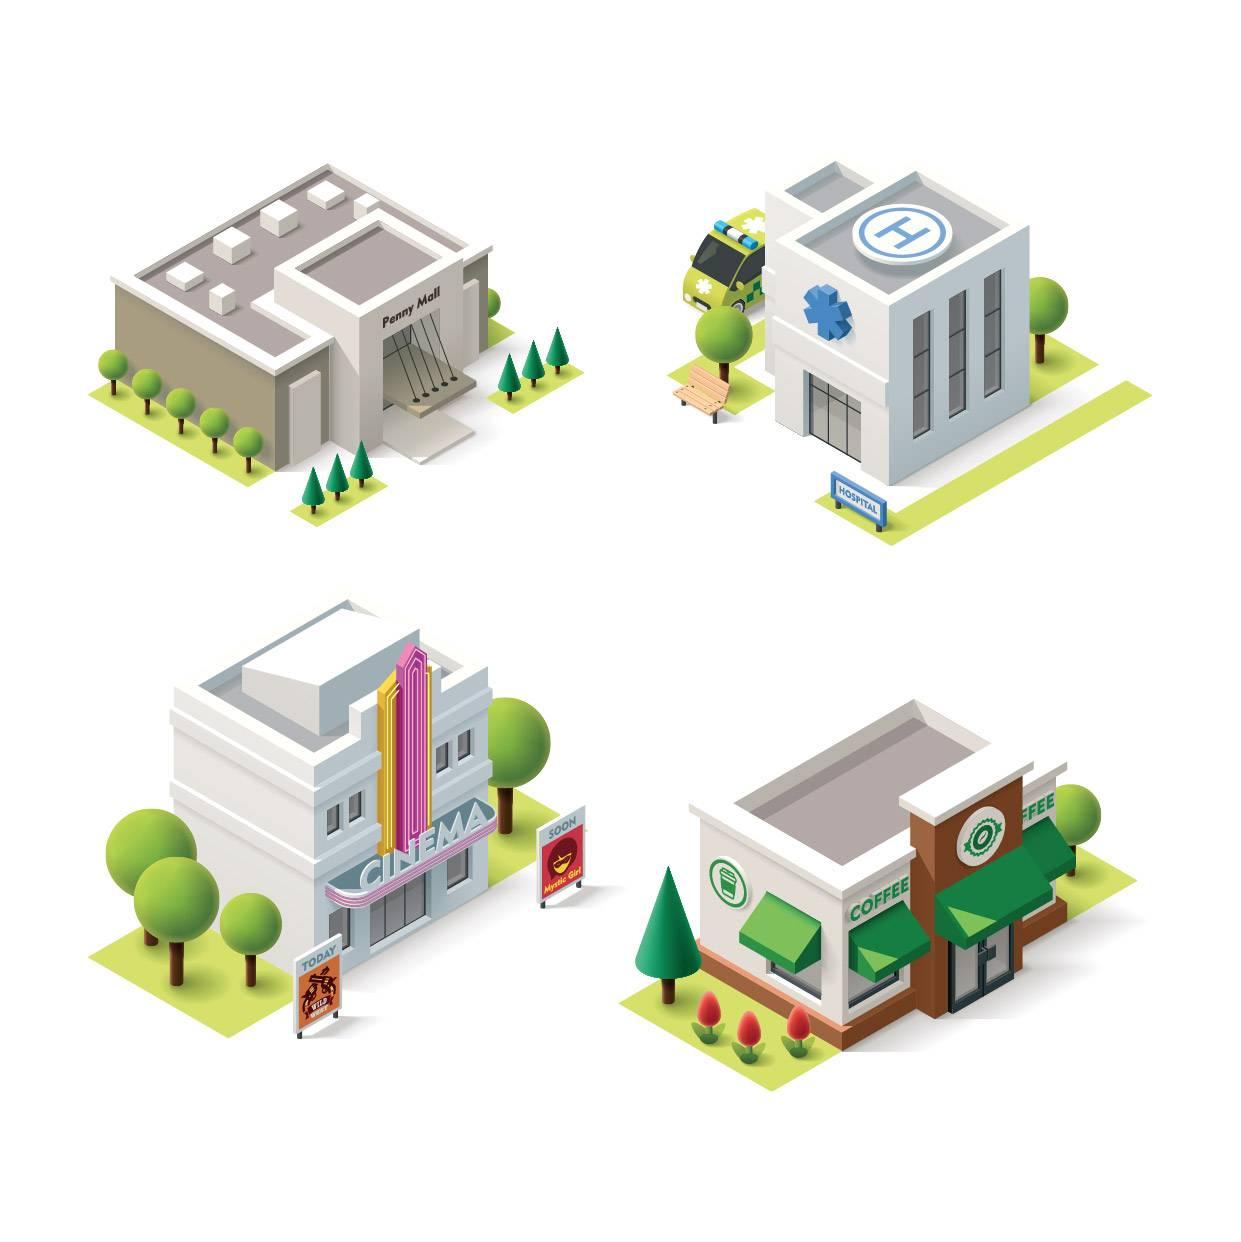 卡通城市建筑 等距建筑 城市卡通 卡通街景 等距视图 模型设计 立体建筑 时尚元素 现代3D 城市插画 房屋插图 卡通设计